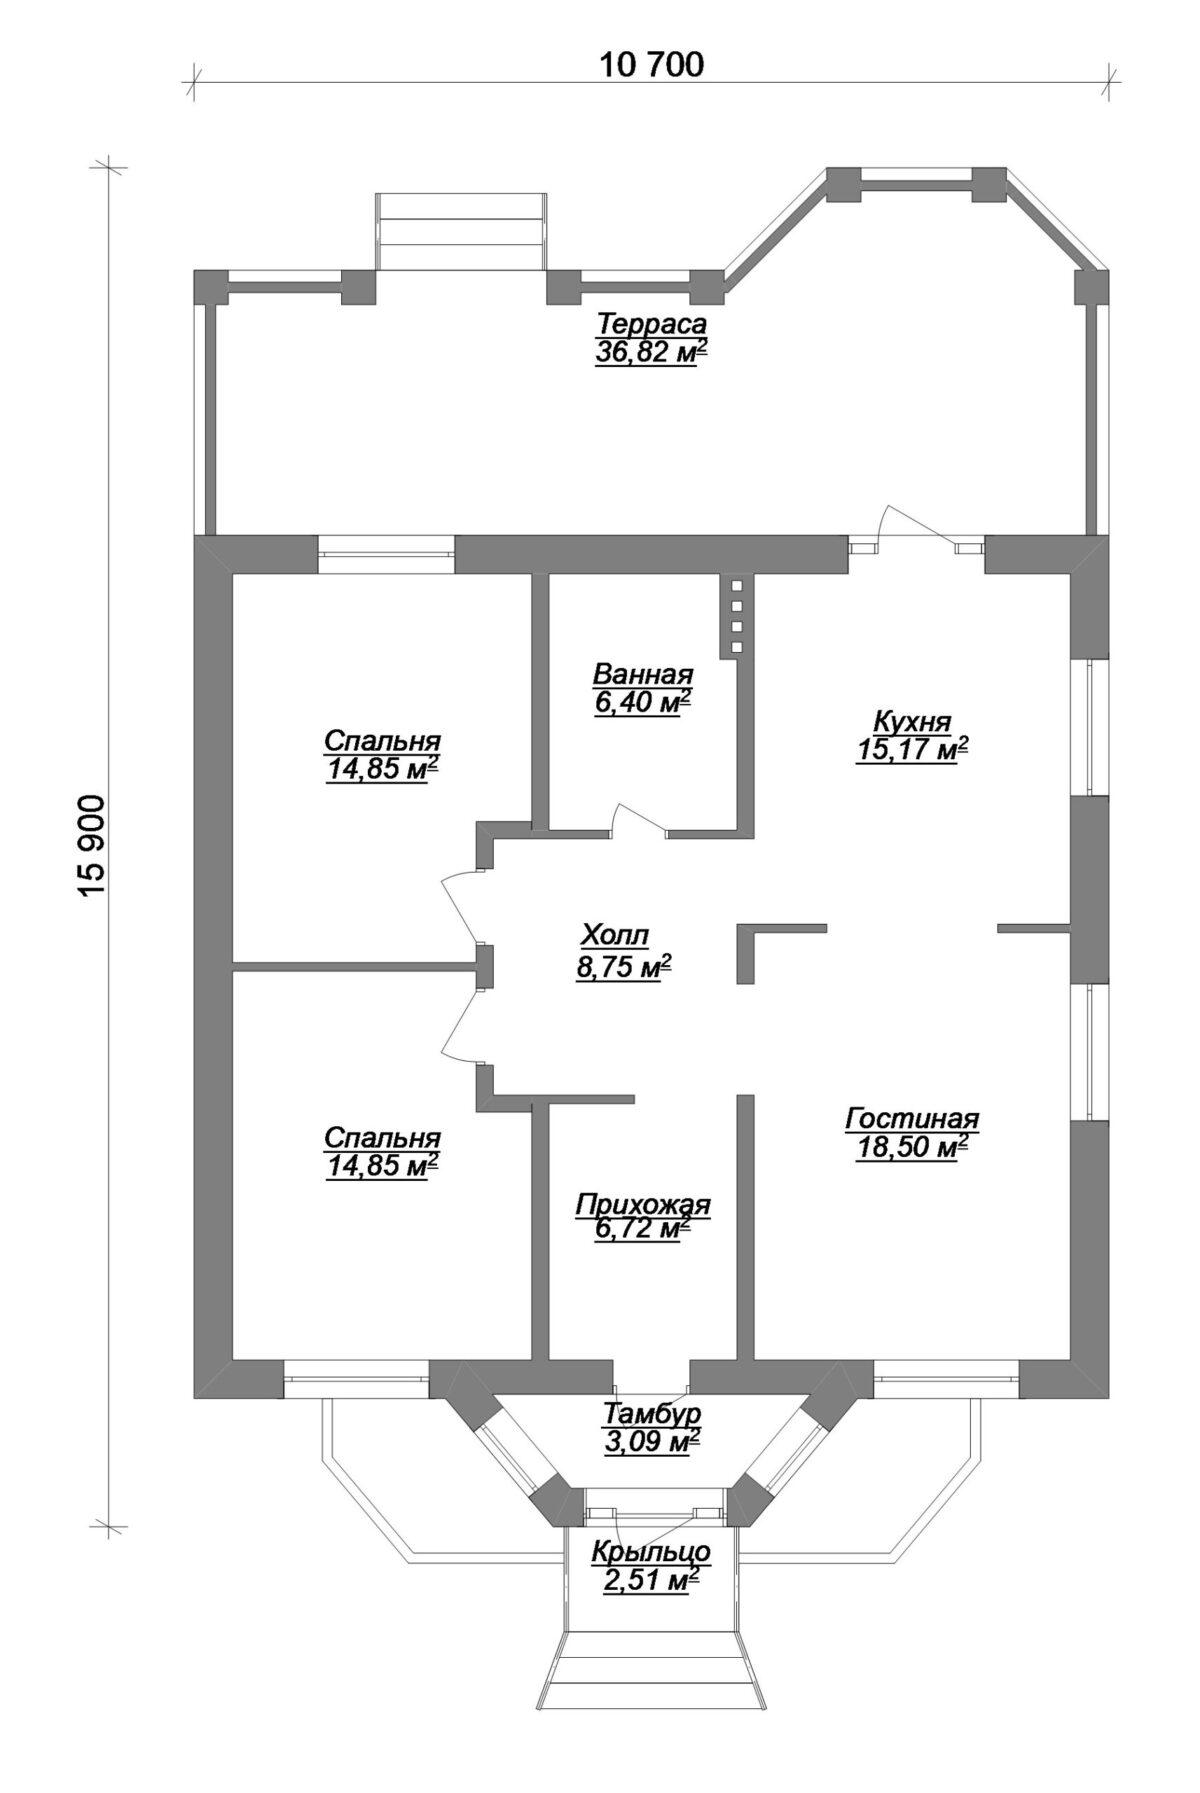 Генрих B-270 с видеообзором. Проект одноэтажного дома 16 х 11 м с террасой и двумя спальнями